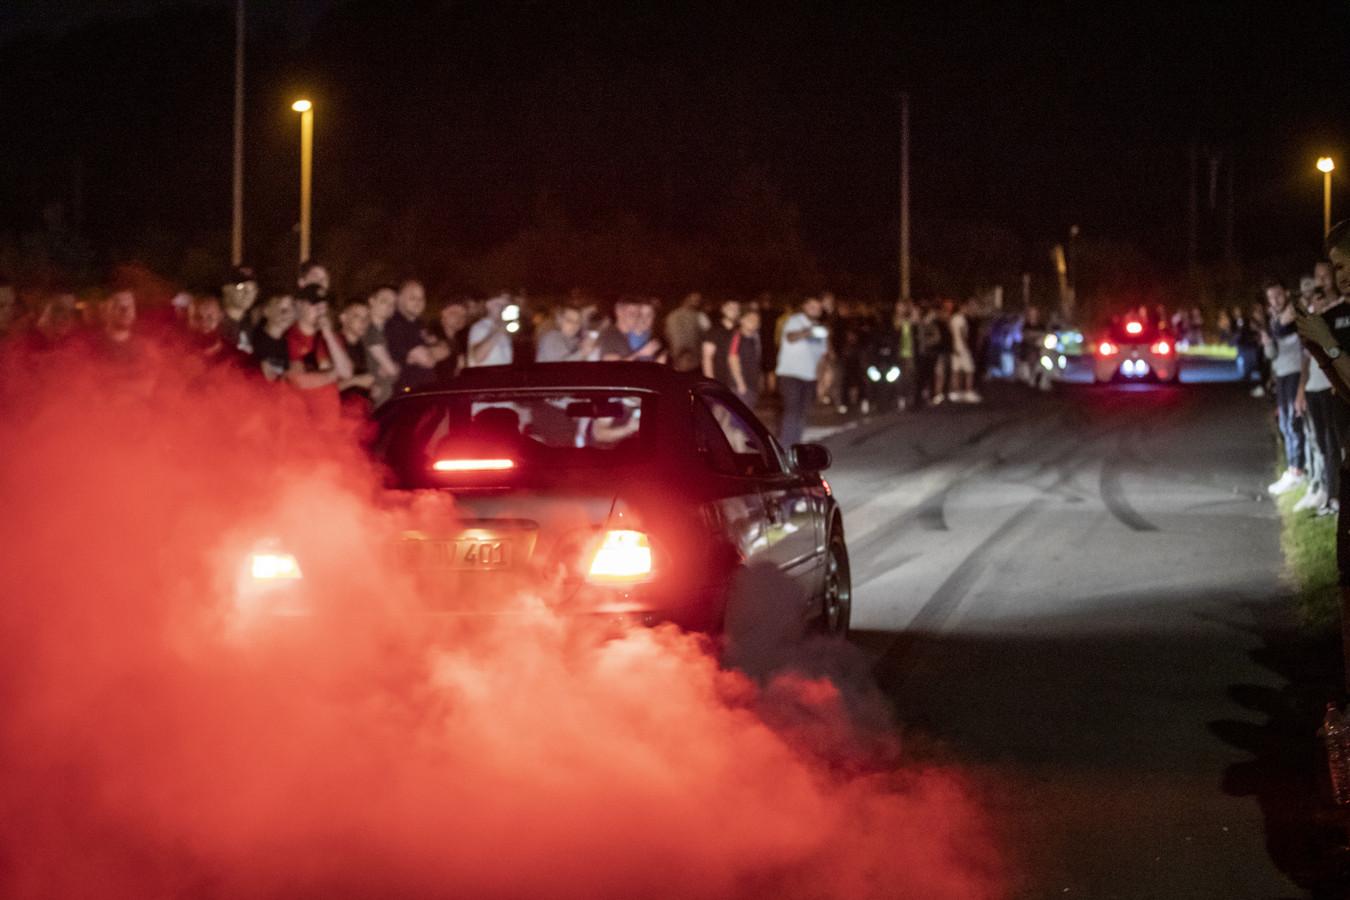 De hoofdroute op de parkeerplaats van IJsbaan Twente verandert in een racebaan. Het publiek staat schouder aan schouder aan weerszijden van het asfalt, om de drifters aan te moedigen.